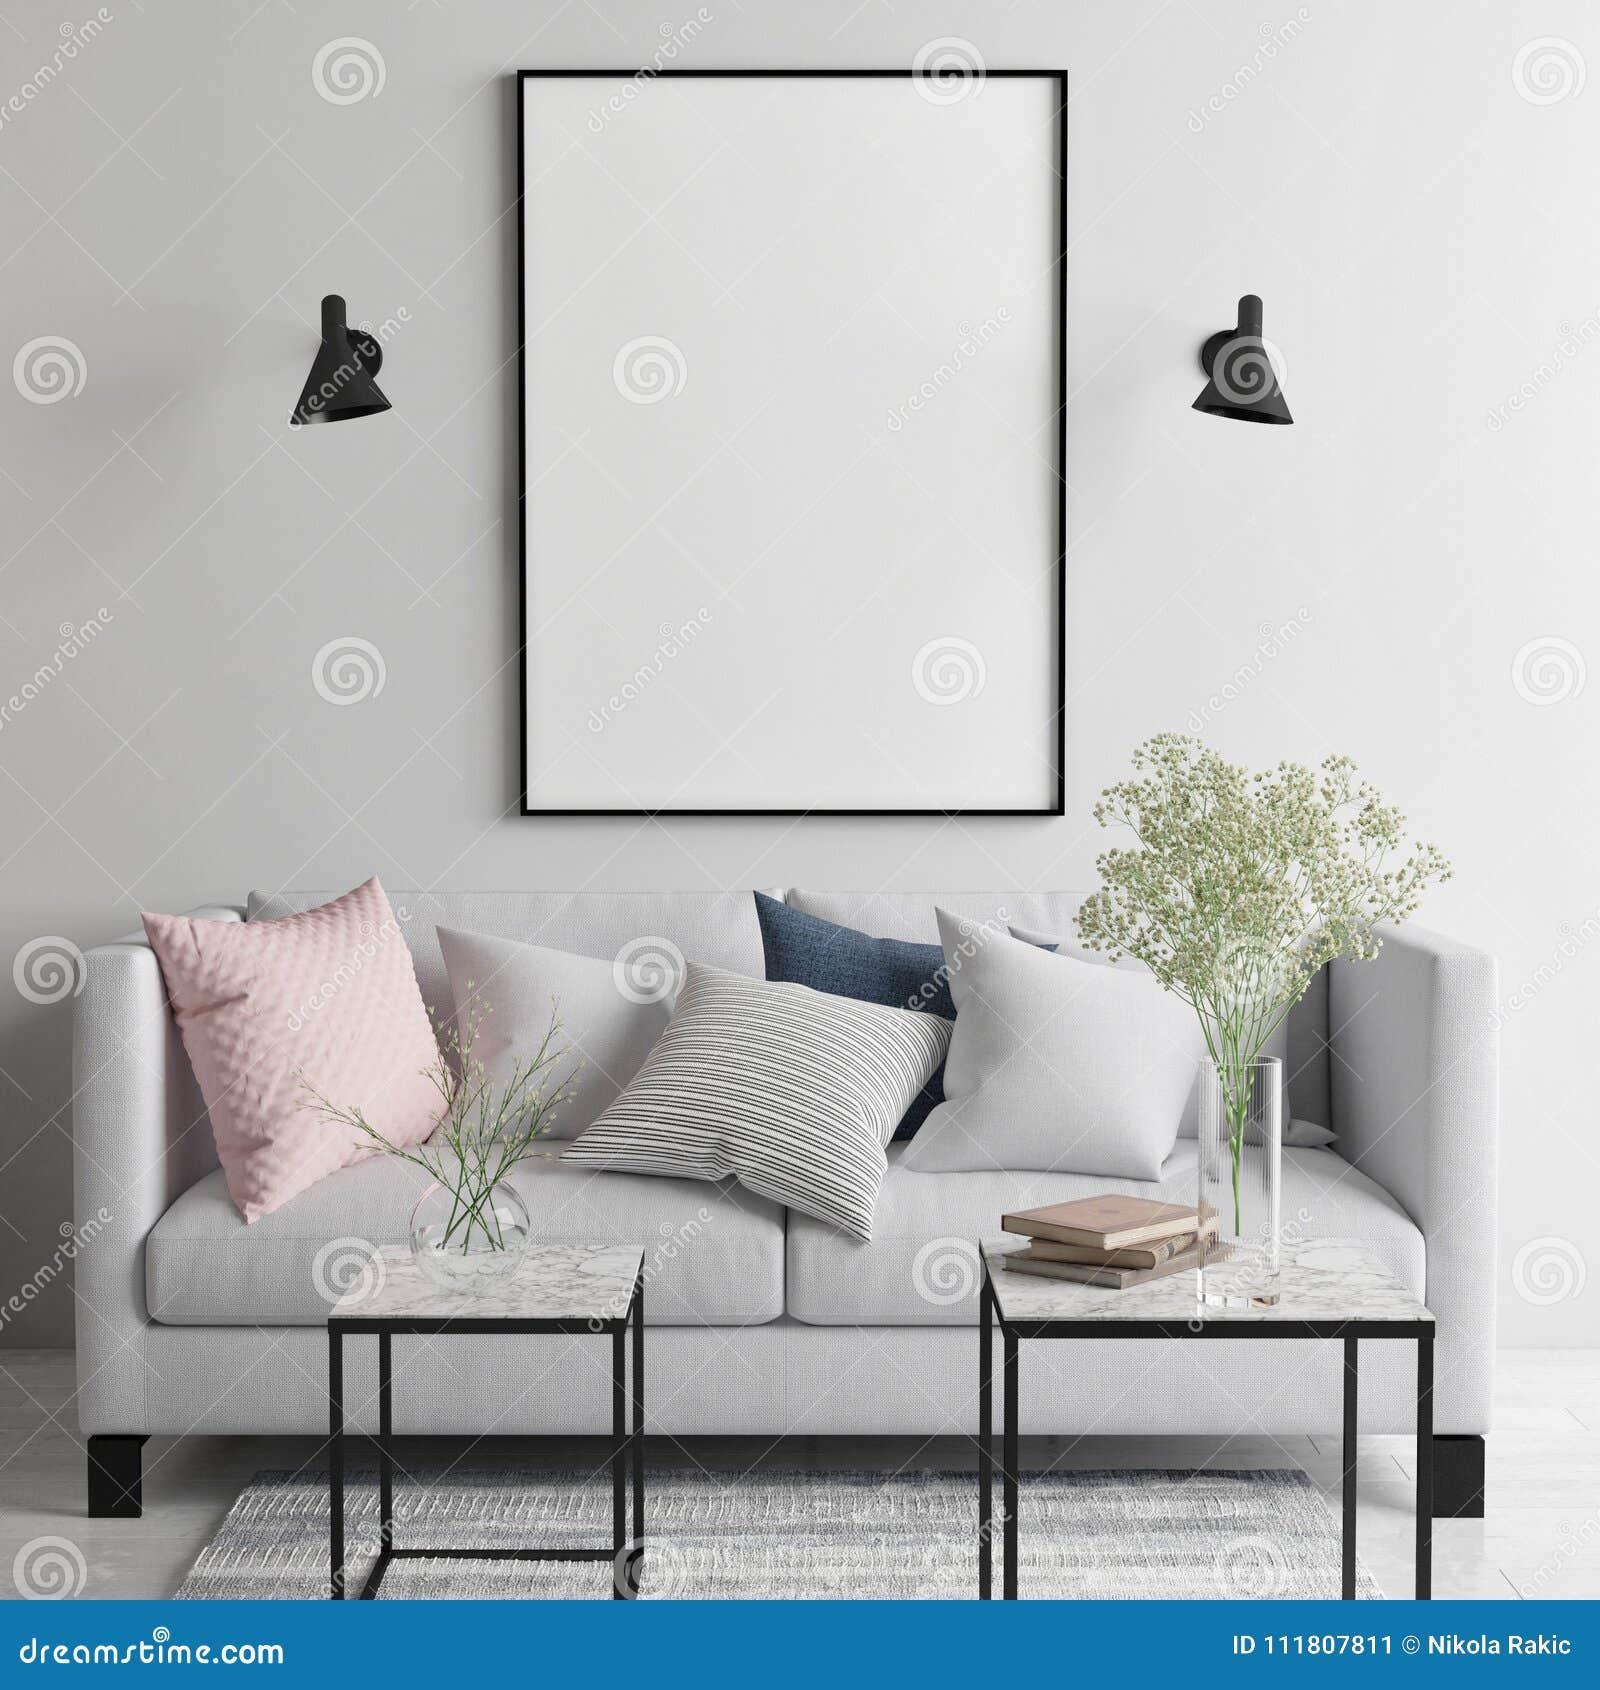 Verspotten Sie herauf Plakat im skandinavischen Wohnzimmer, Ihr Kunstwerk hier,